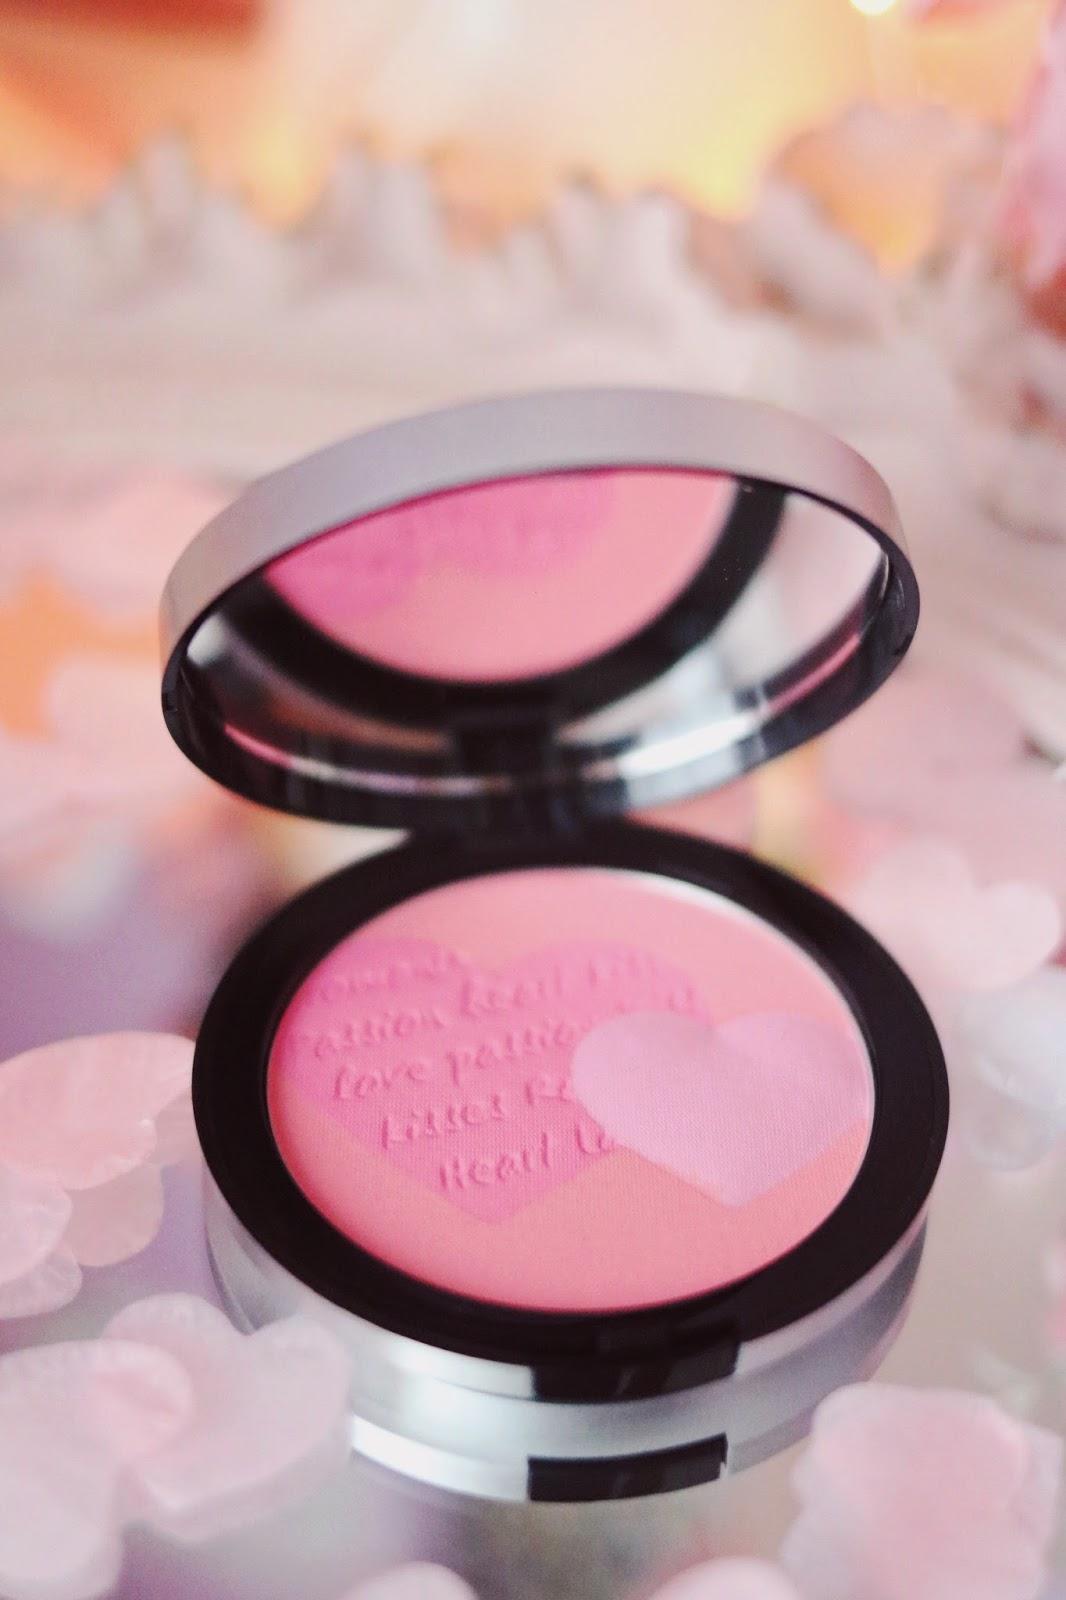 rosemademoiselle-rose-mademoiselle-kiko-milano-matte-for-you-collection-2017-concours-calendrier-de-l'avent-saint-valentin-avis-revue-blog-beauté-paris